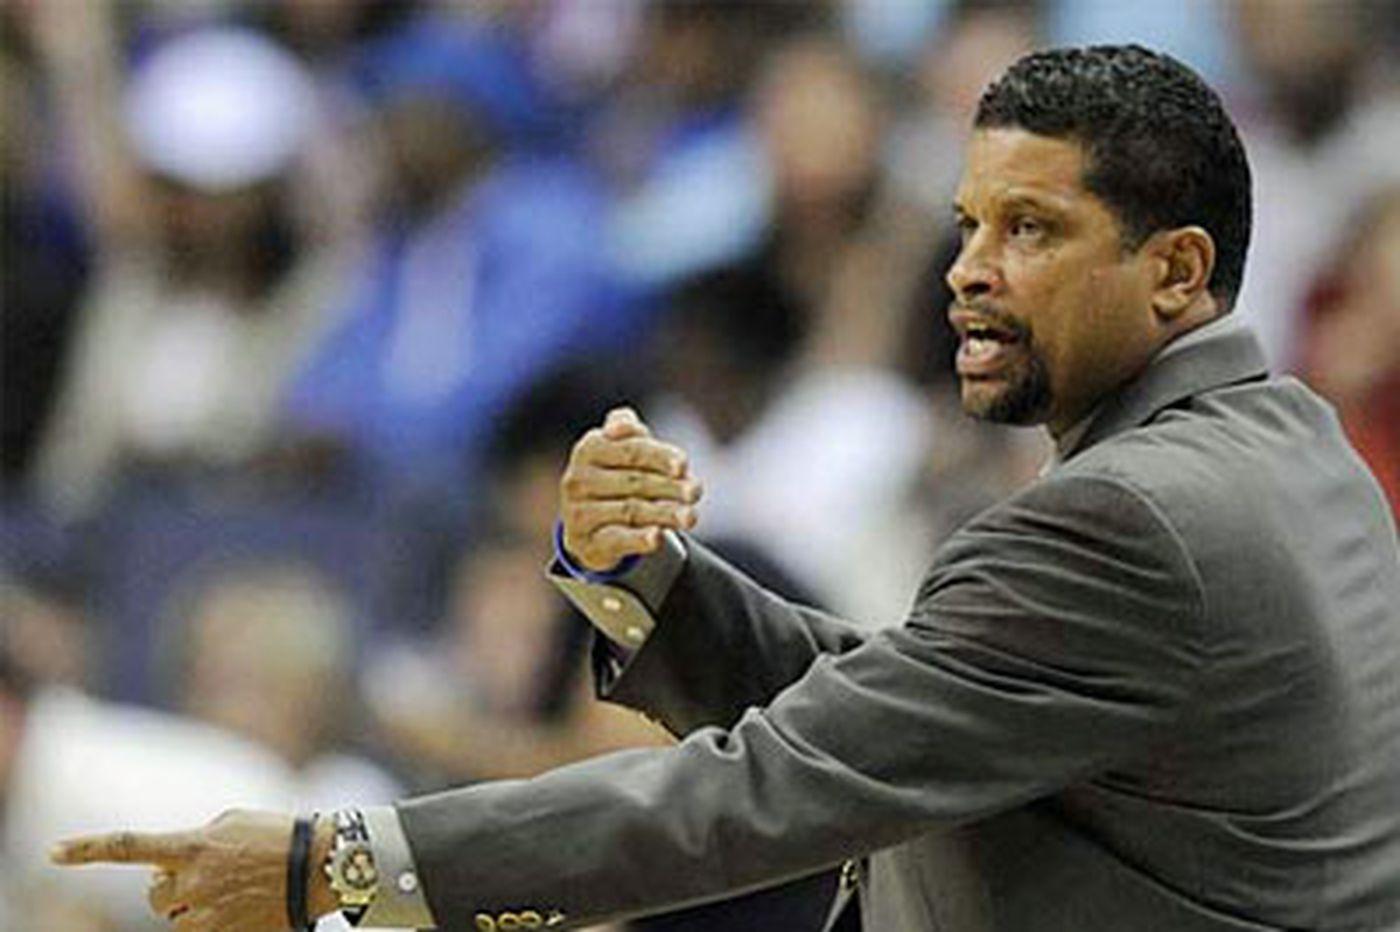 Sixers pick Eddie Jordan as next coach